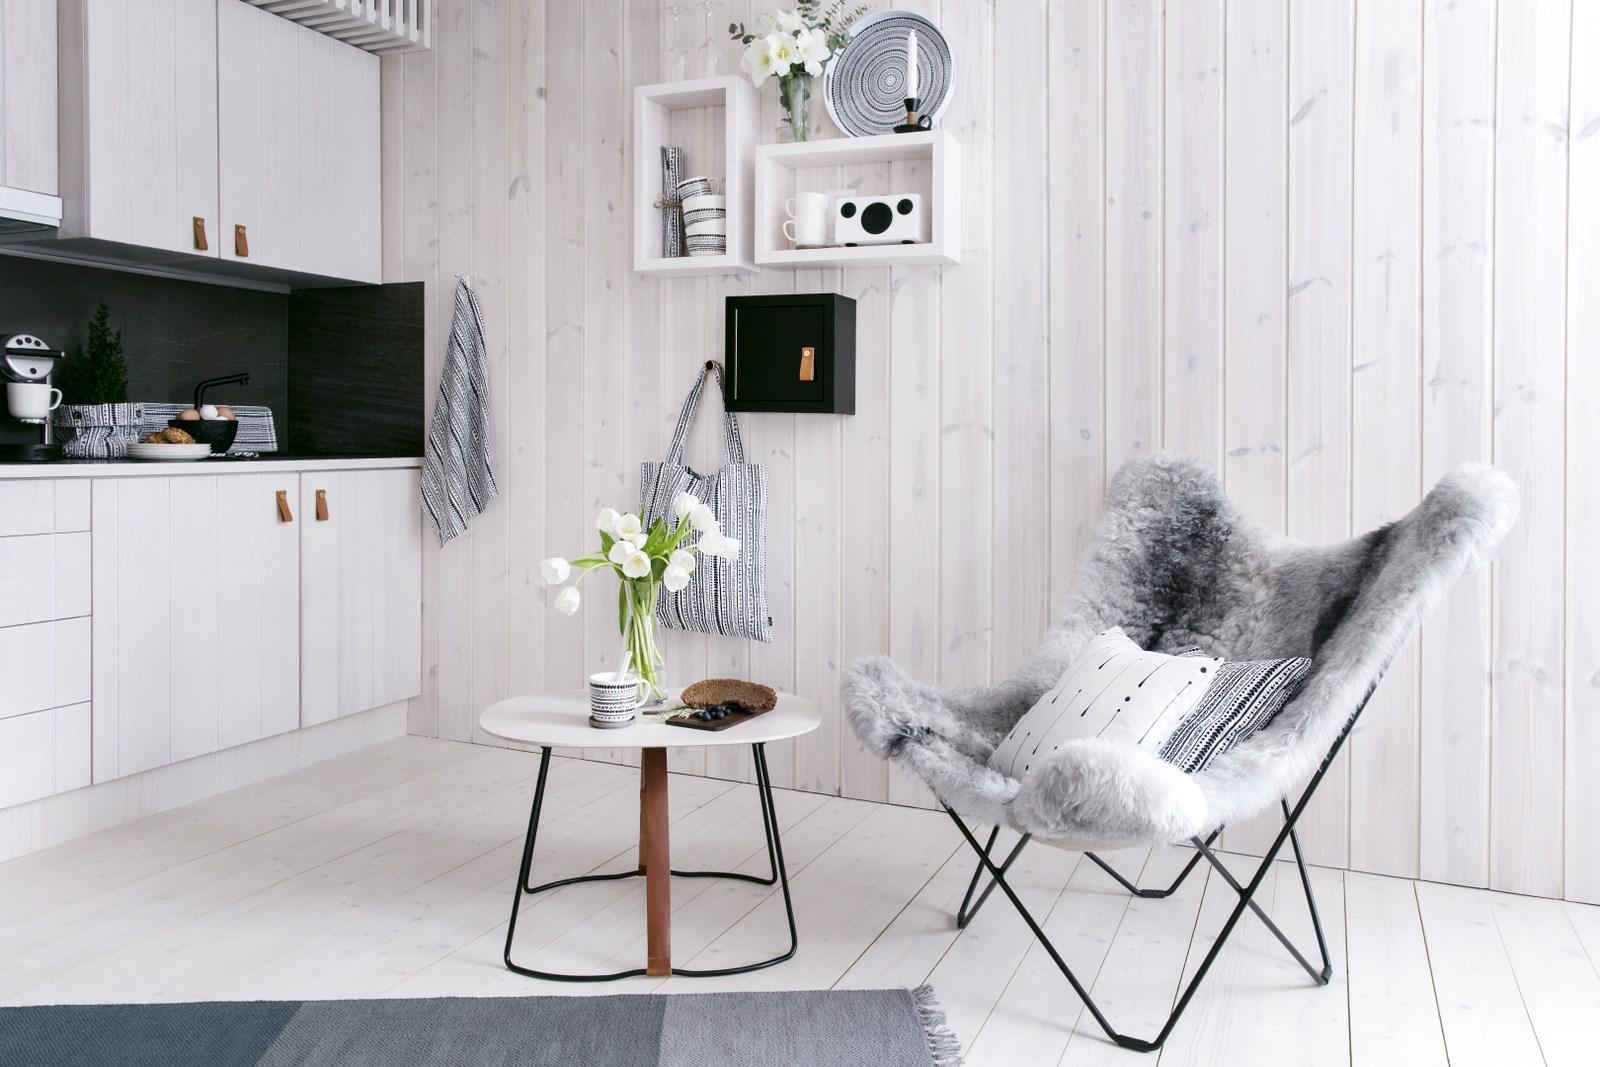 Suomiškas interjero dizainas